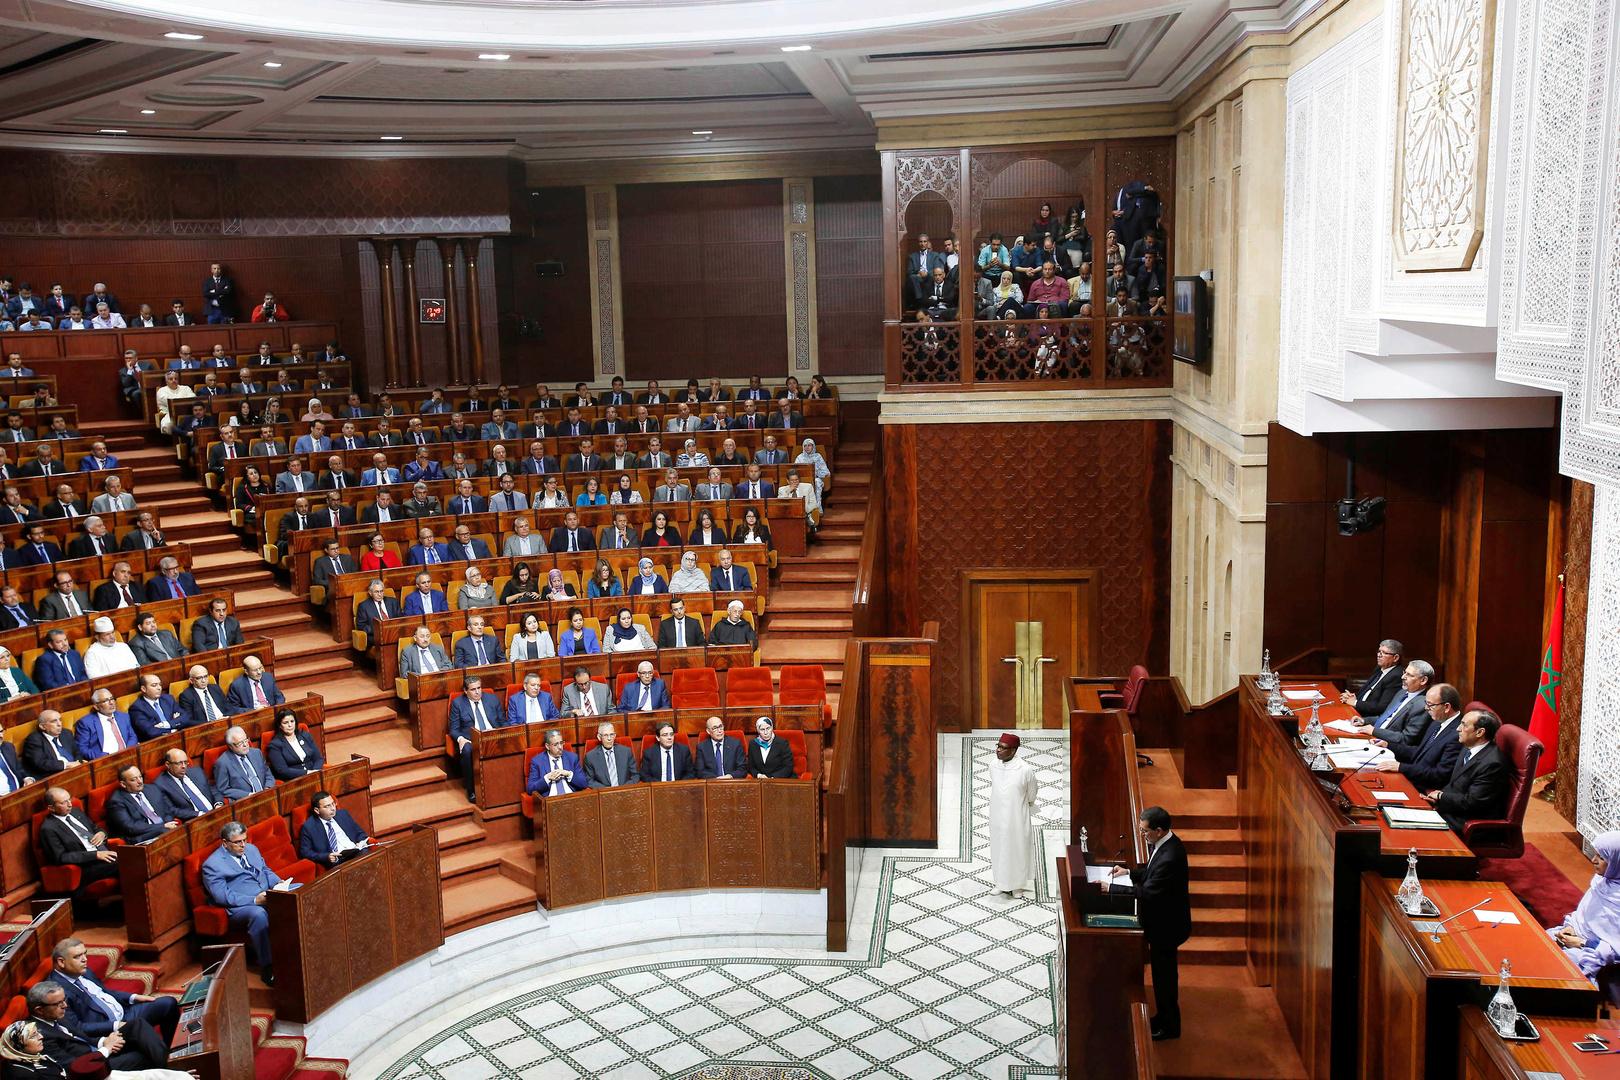 المغرب.. منع نائبة من دخول البرلمان لعدم حصولها على جواز التلقيح